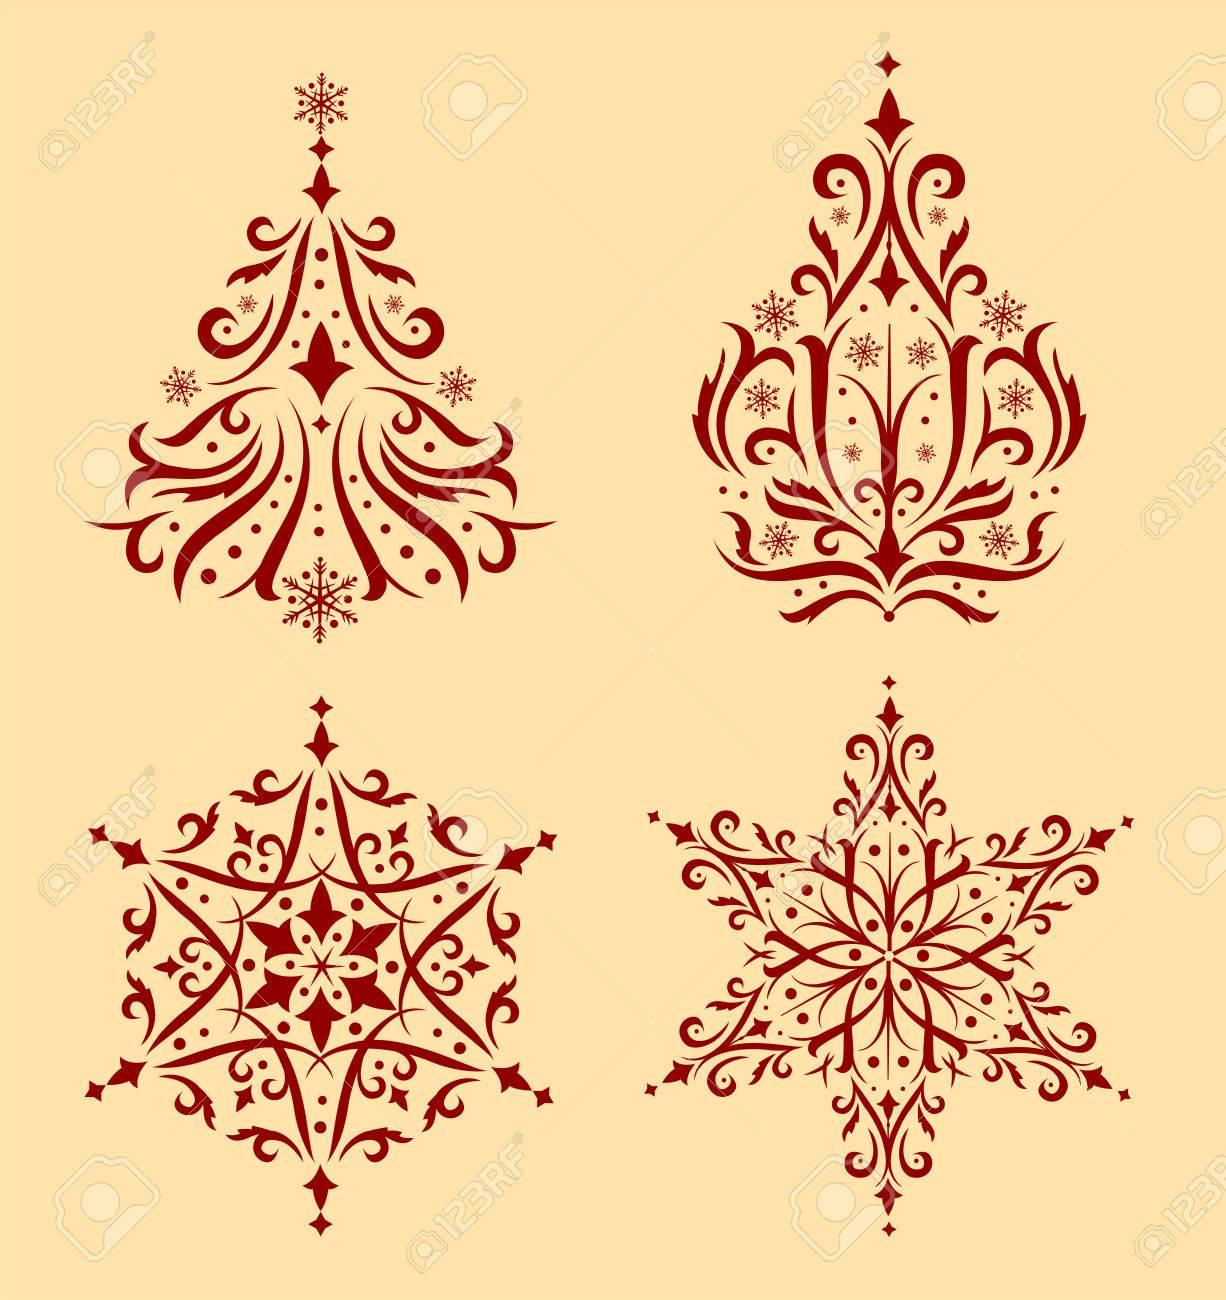 Conjunto De Hermosos Adornos De Navidad Para Crear Tarjetas De - Crear-tarjetas-de-navidad